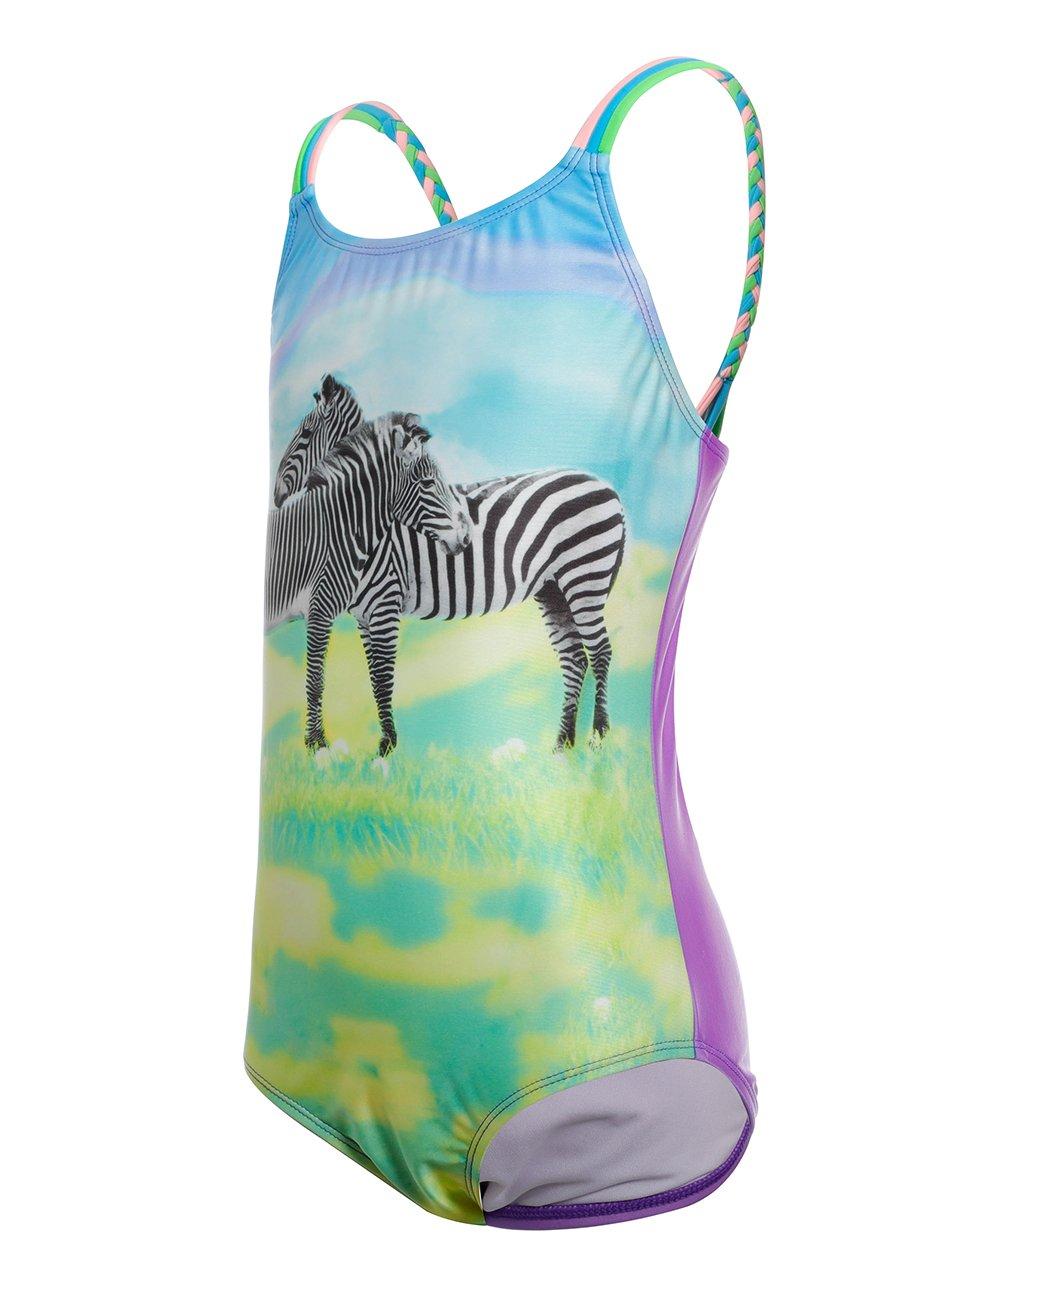 iDrawl Cute Zebra One Piece Beach Sport Swimsuit for Girls by iDrawl (Image #3)